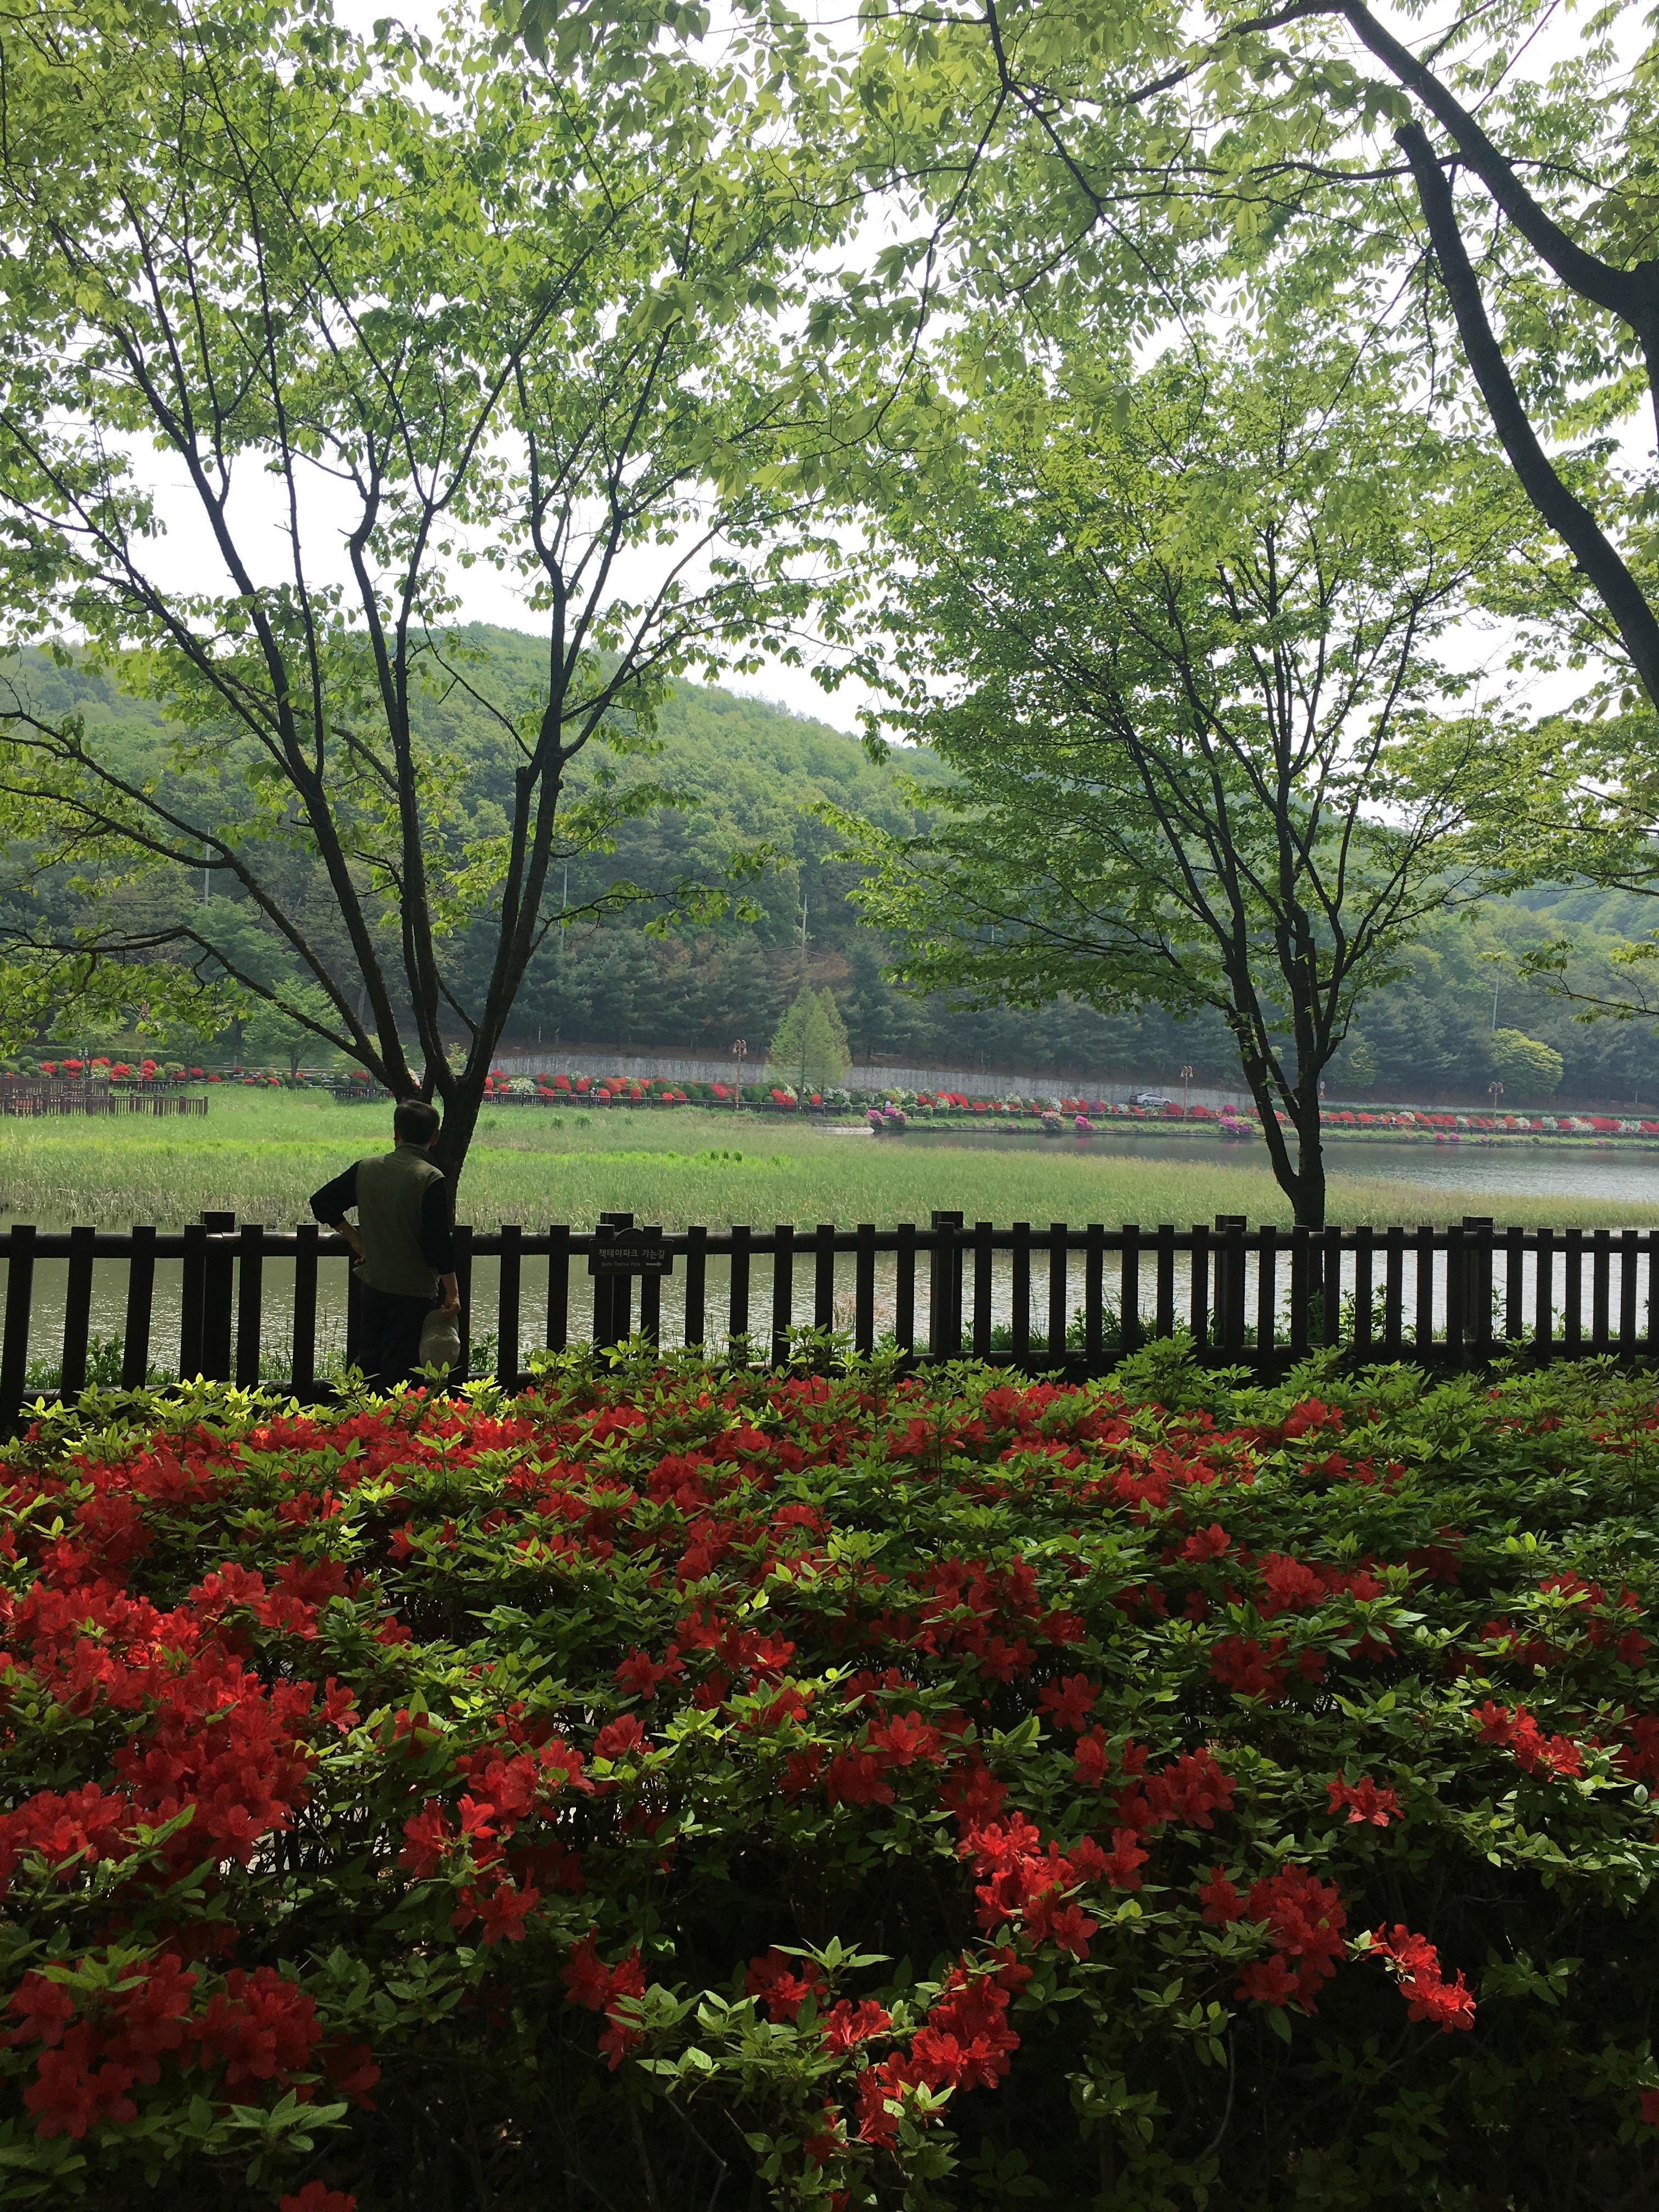 율동공원 영산홍과 산철쭉